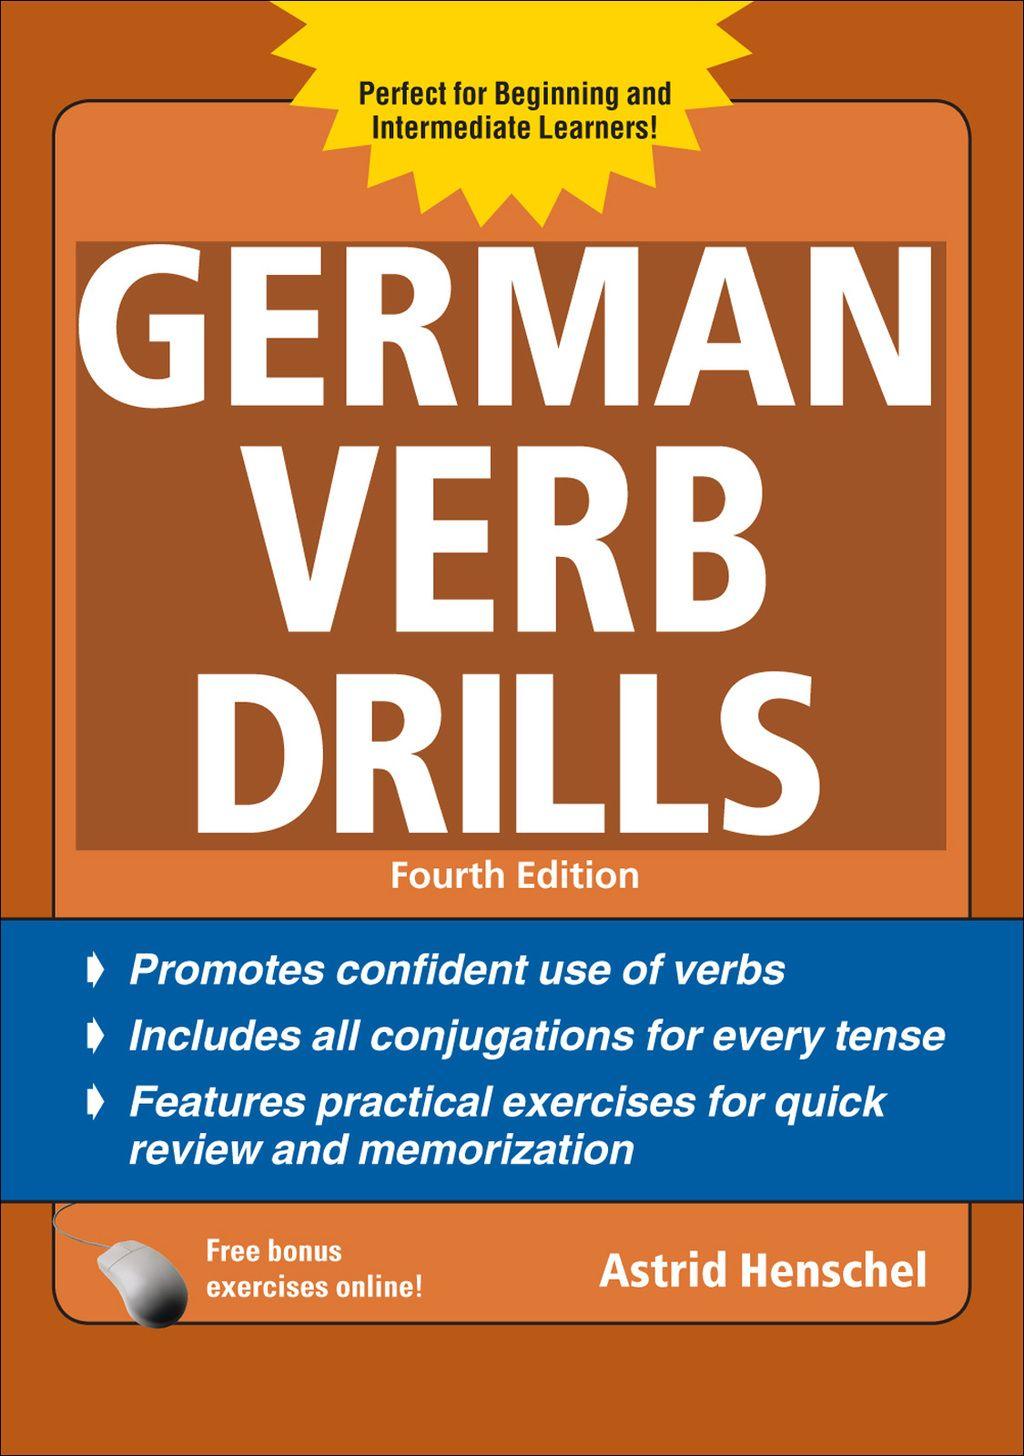 German Verb Drills Fourth Edition Ebook